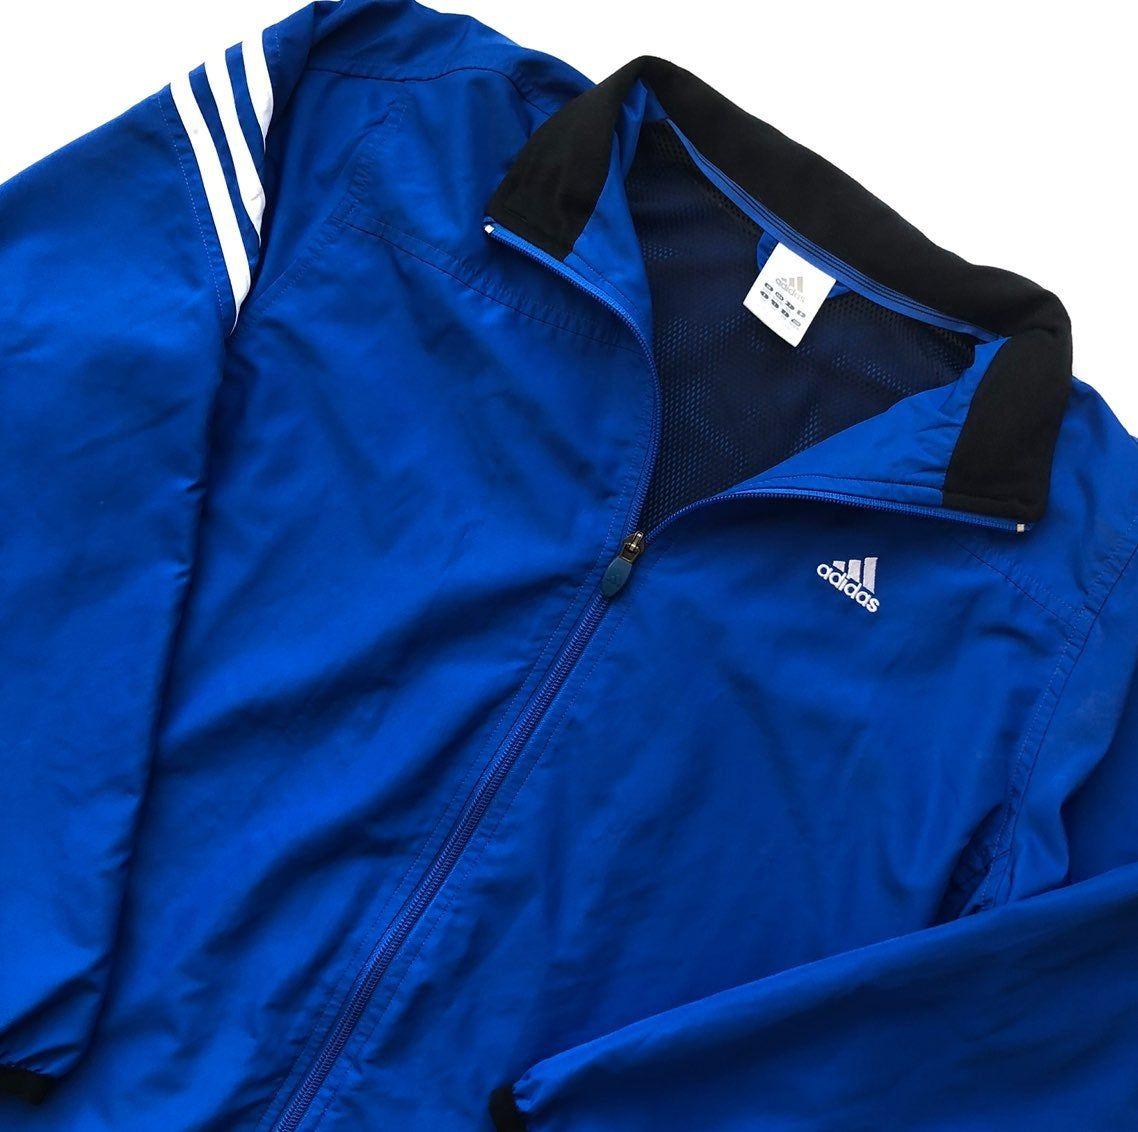 Pin By Allison On Adidas Apparel In 2020 Windbreaker Jacket